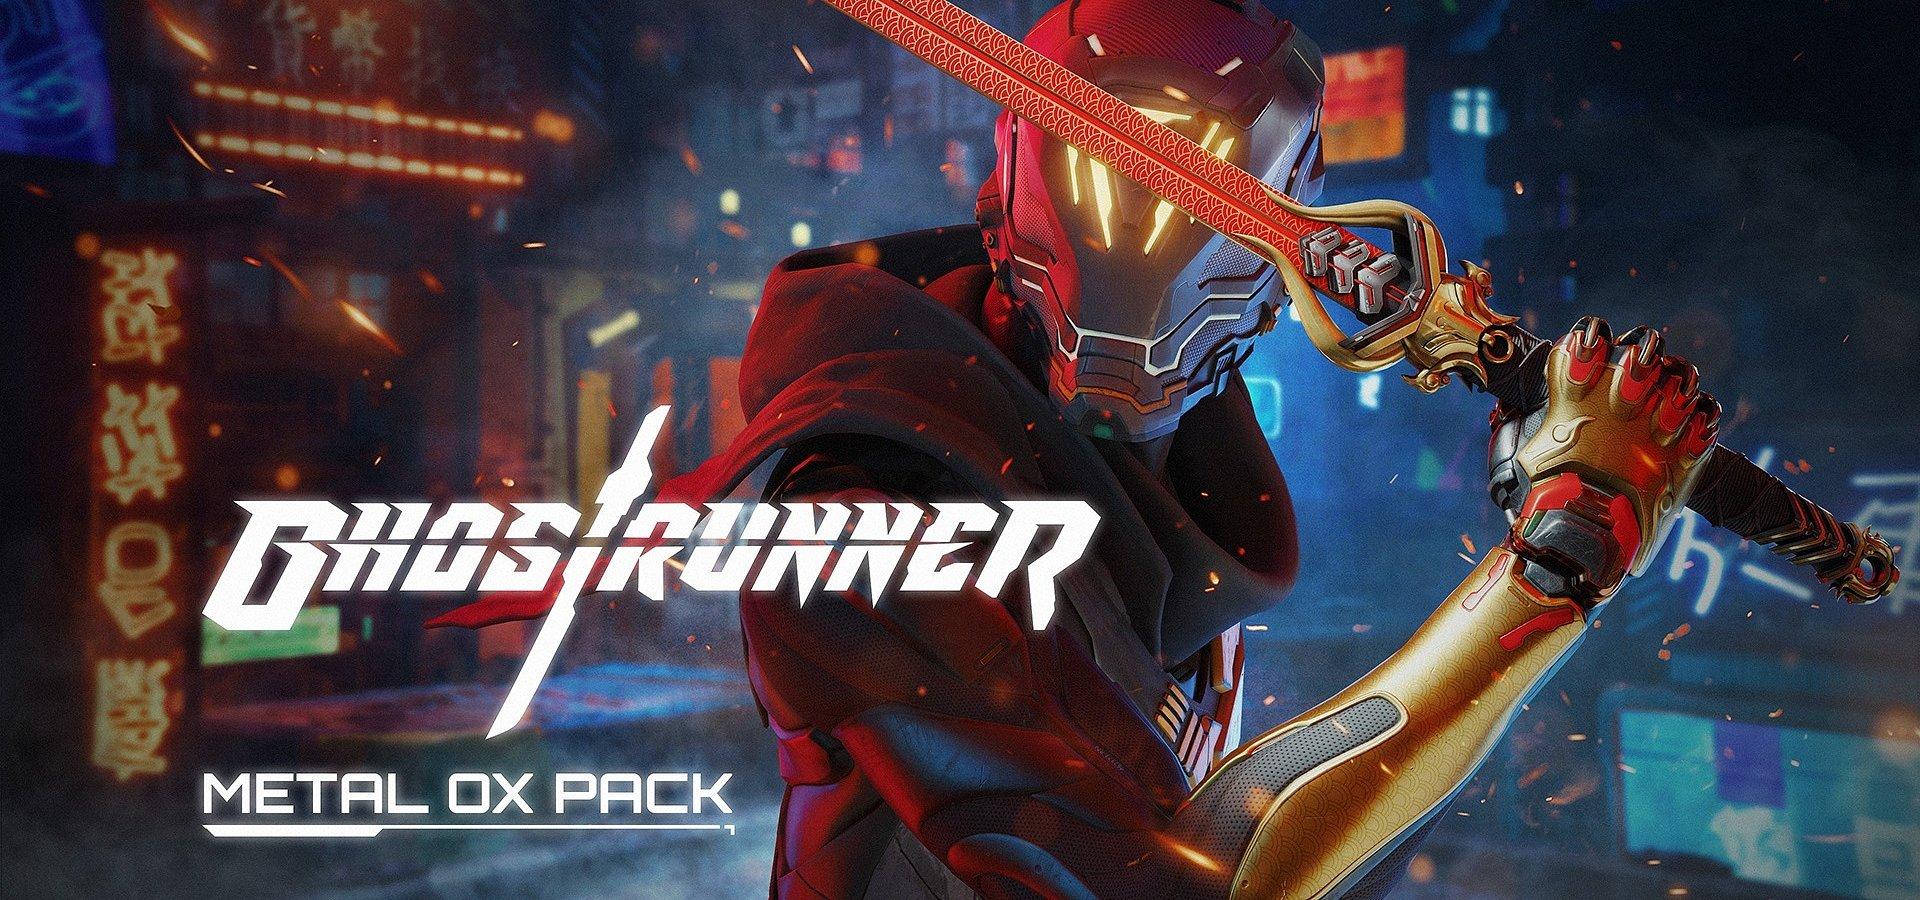 Nowe, darmowe tryby do Ghostrunnera. Premiera kosmetycznego DLC. Fizyczna edycja na Nintendo Switch już w czerwcu